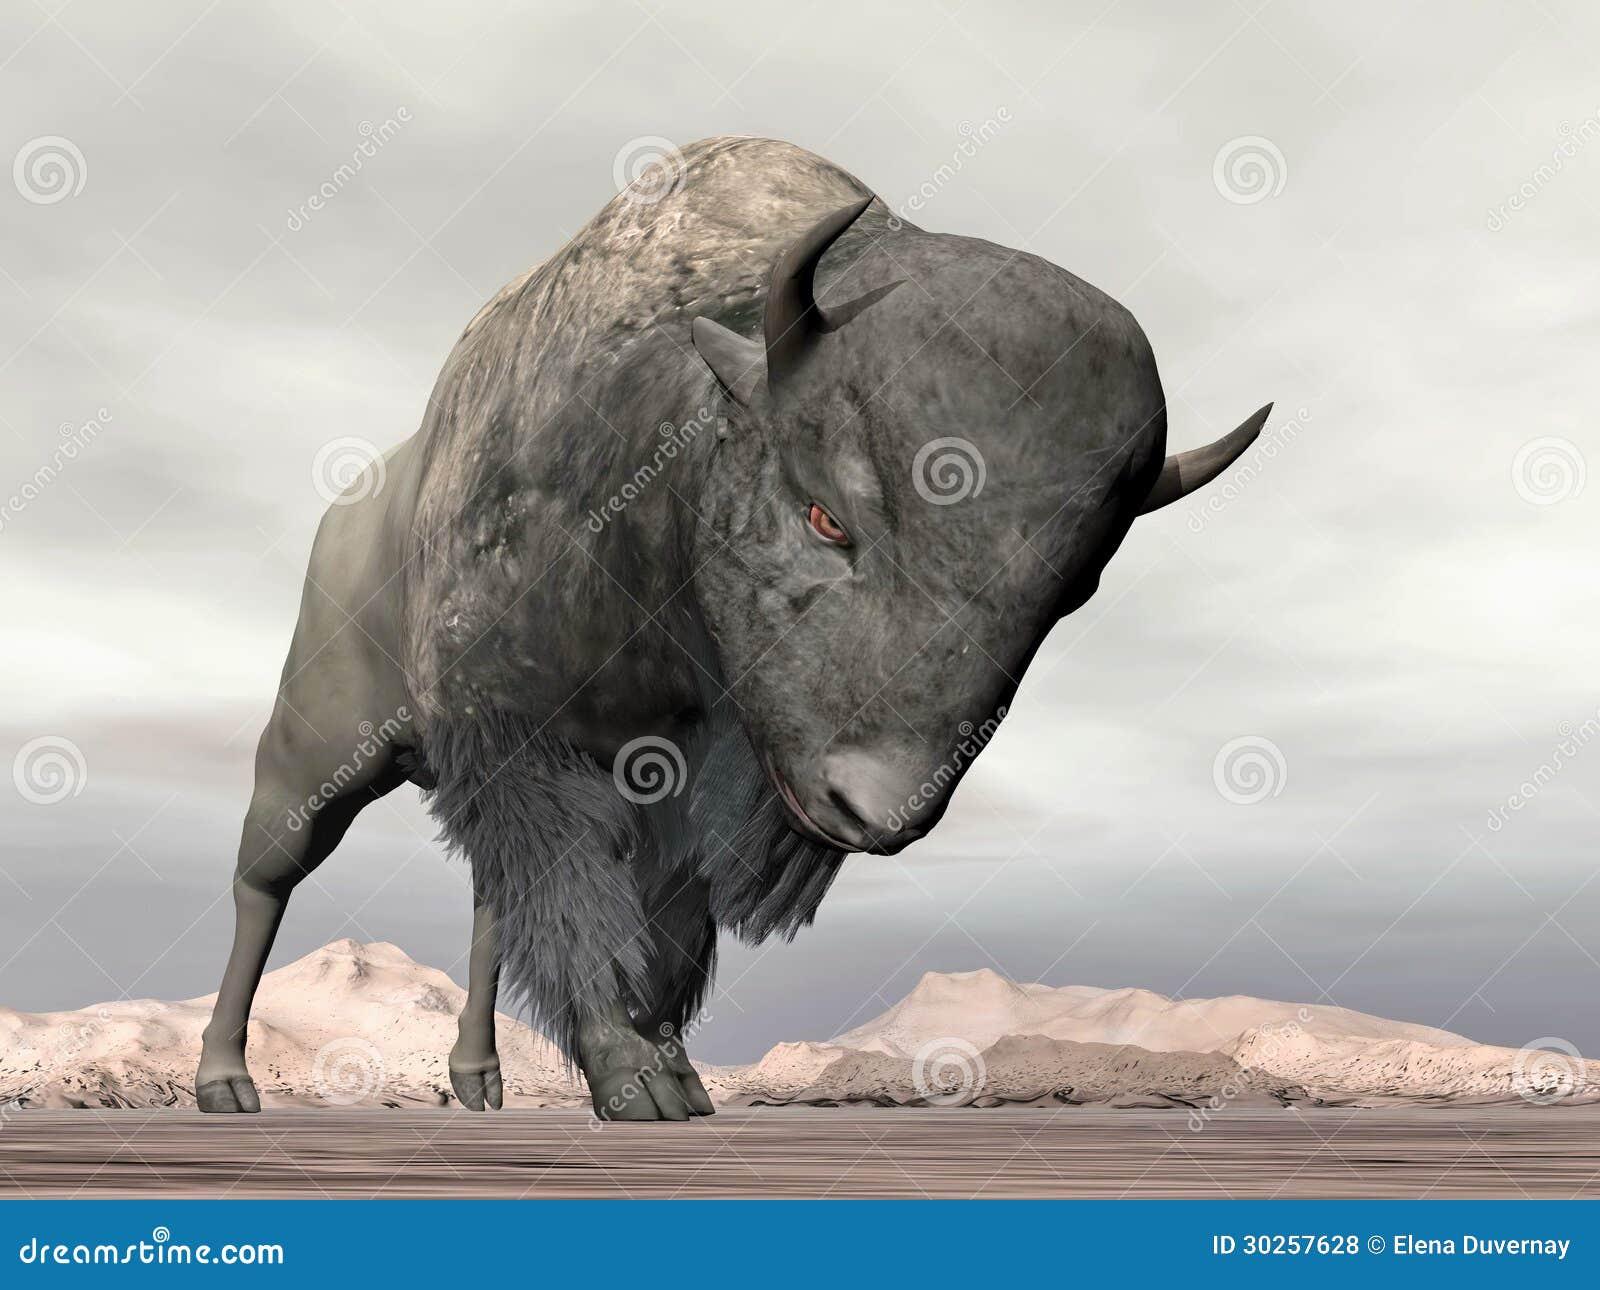 Bison Charging Bison charging - 3D render